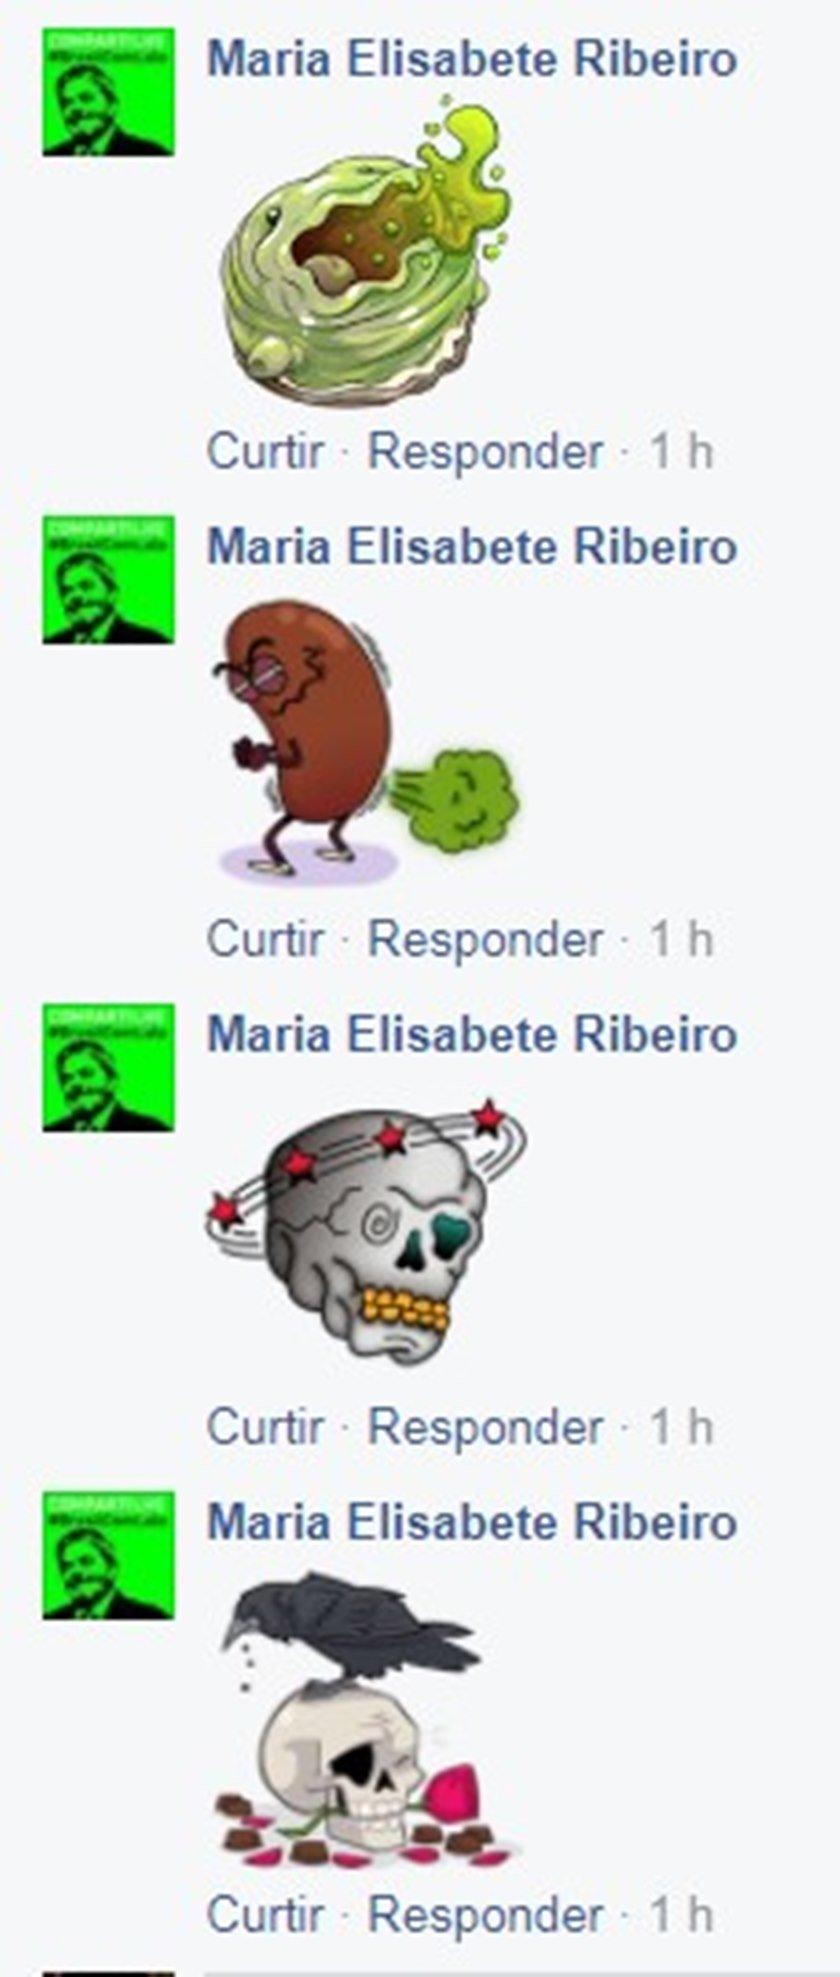 cristovam5 reação a postagens da reforma trabalhista cristovam Buarque